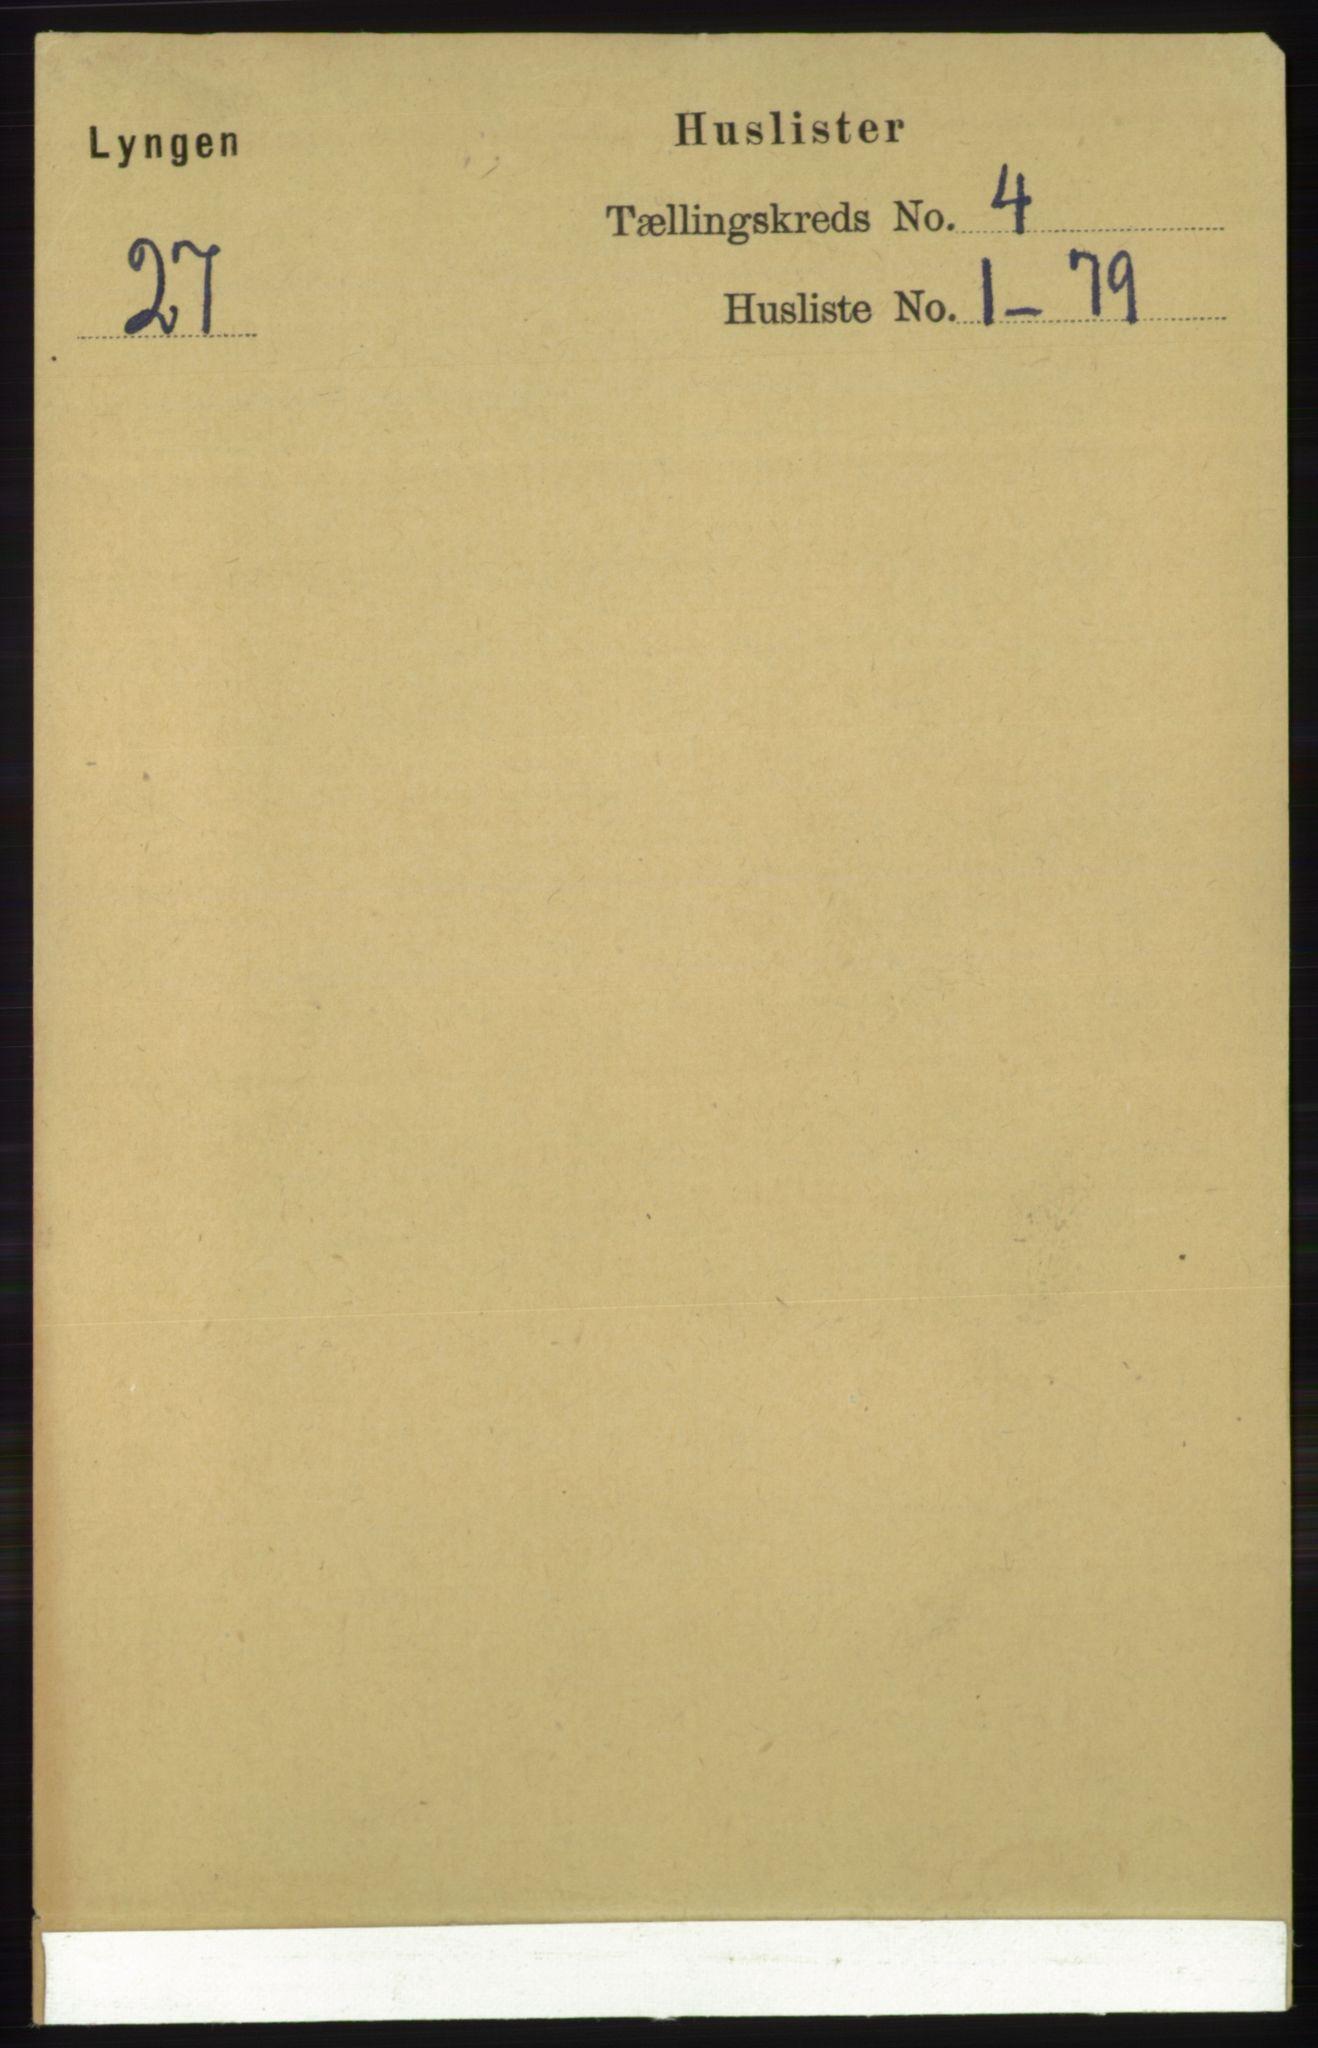 RA, Folketelling 1891 for 1938 Lyngen herred, 1891, s. 3584